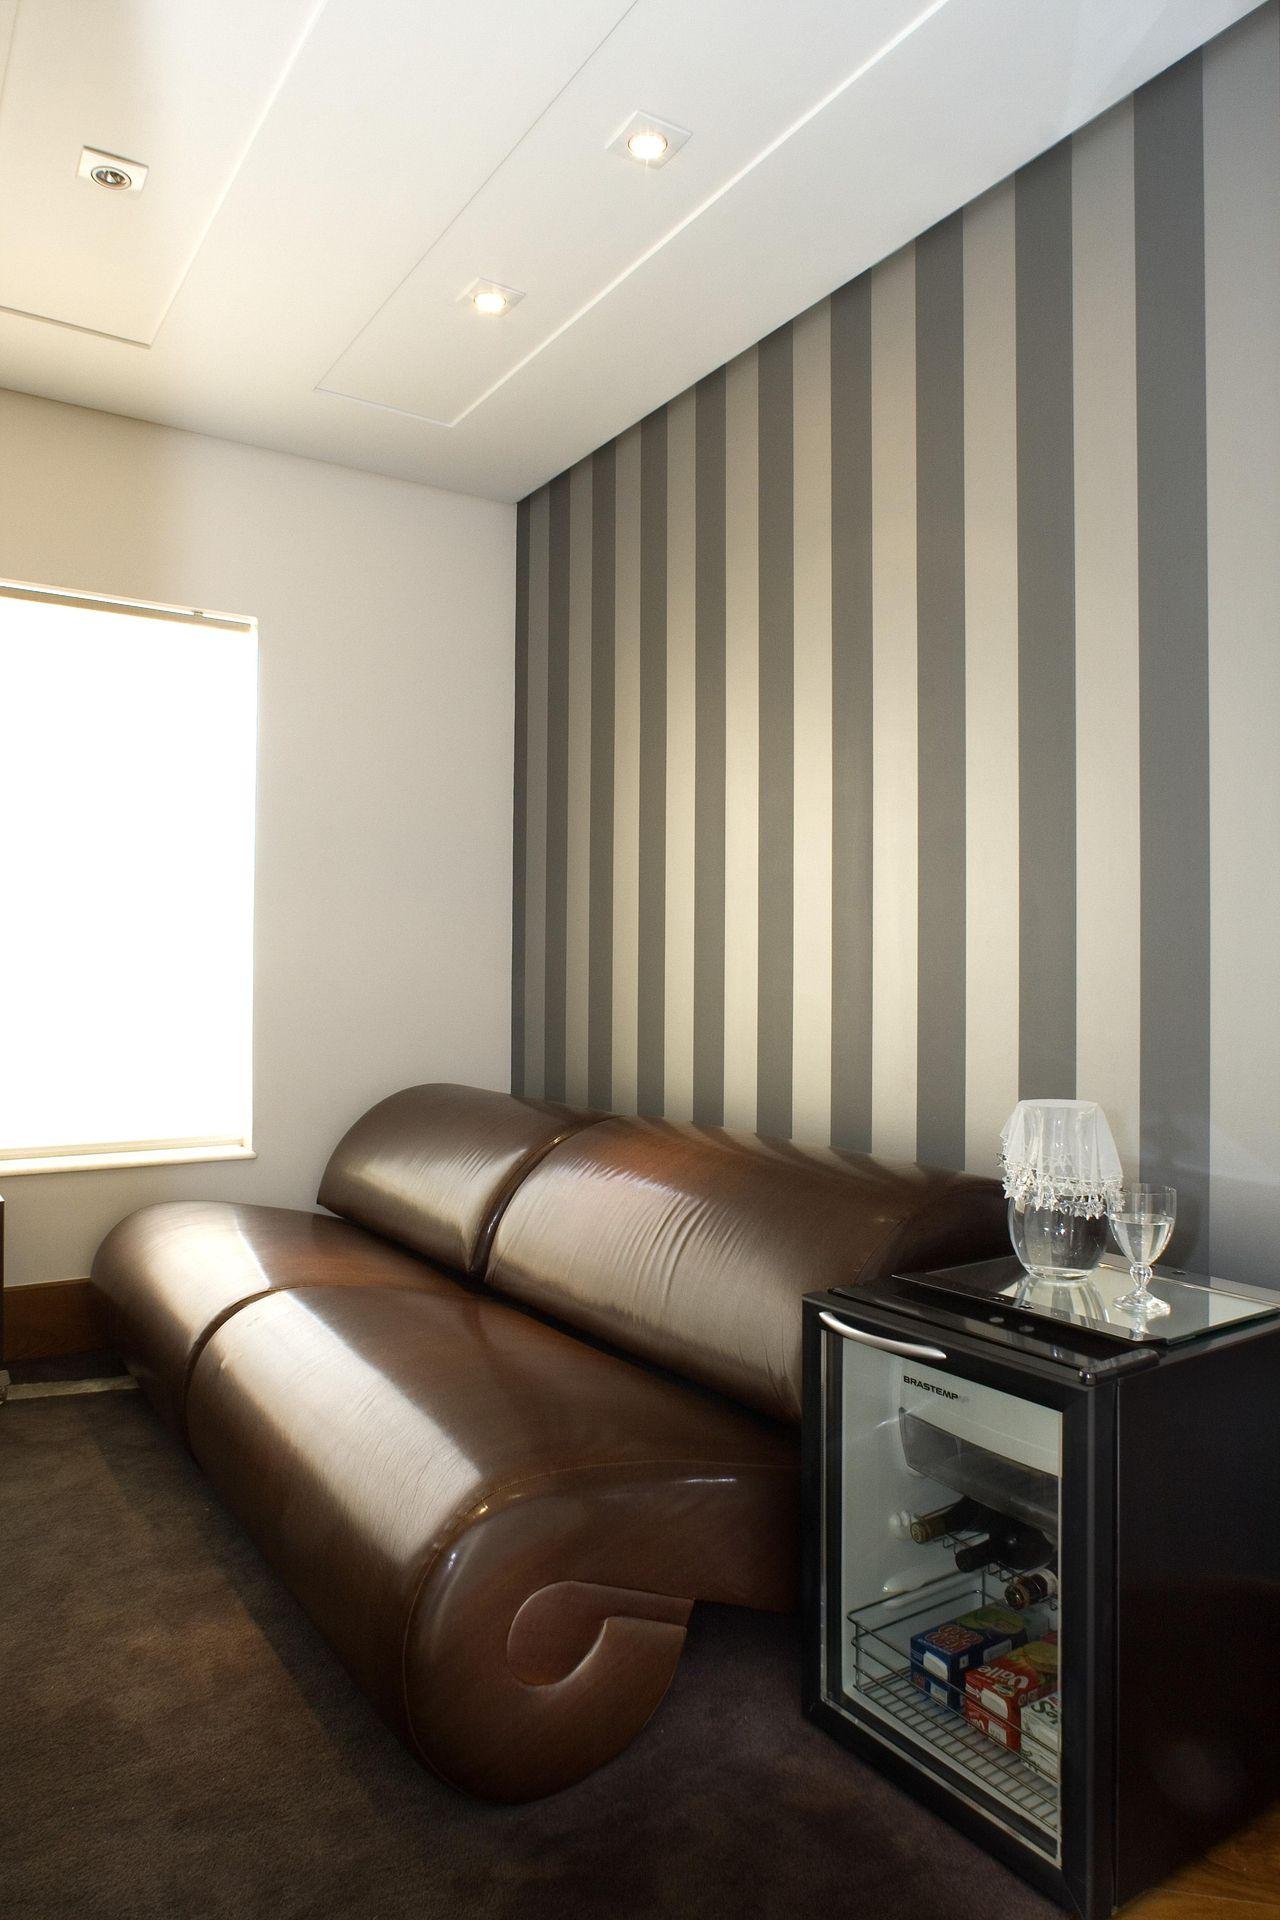 Sala Com Parede Listrada Branco E Cinza De Aquiles Nicolas Kilaris  -> Parede Sala Listrada